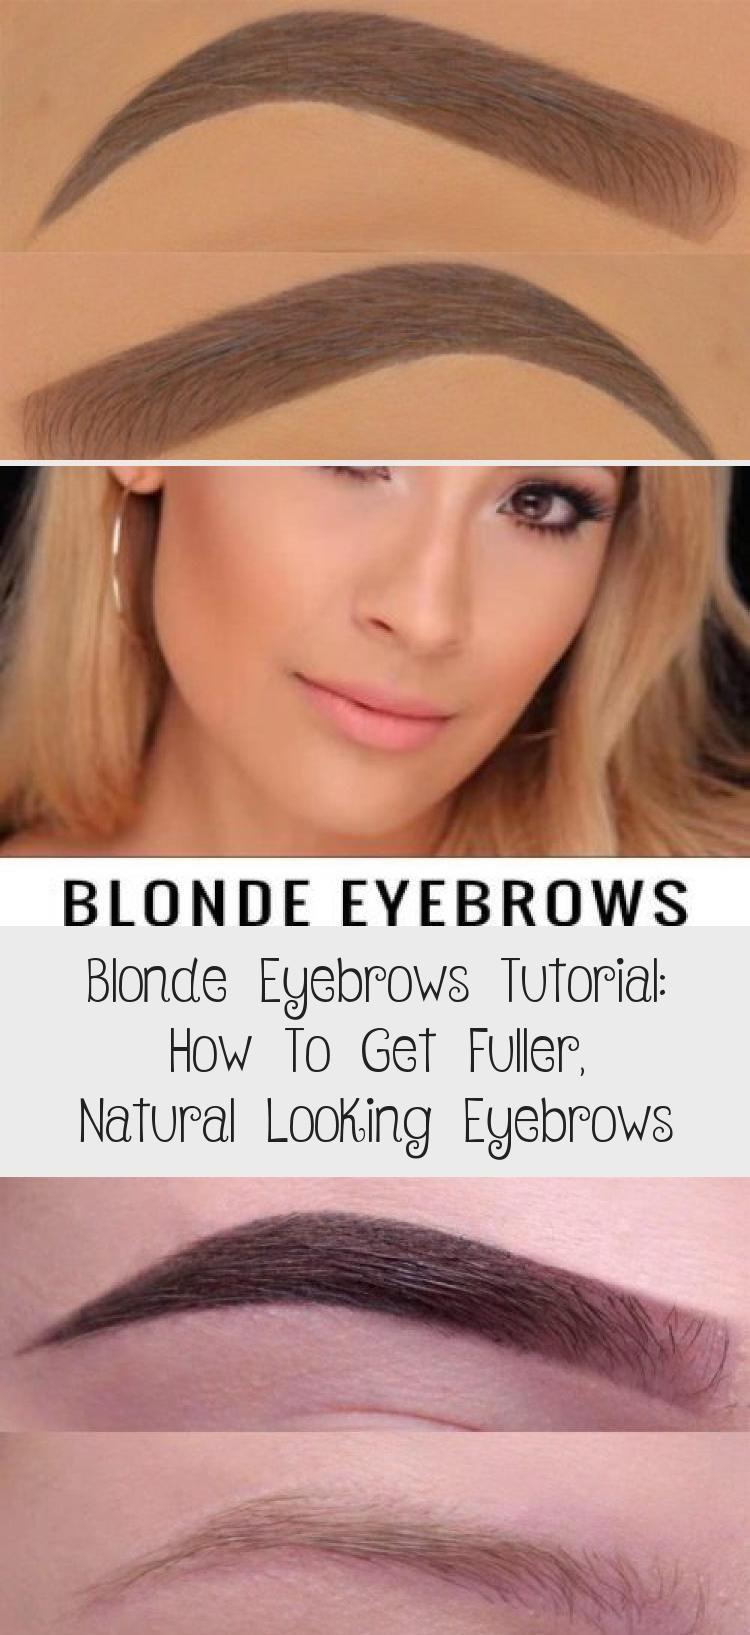 Blonde Eyebrows Tutorial How To Get Fuller Natural Looking Eyebrows Blonde Eyebrows Eyebrows Eyebrow Tutorial